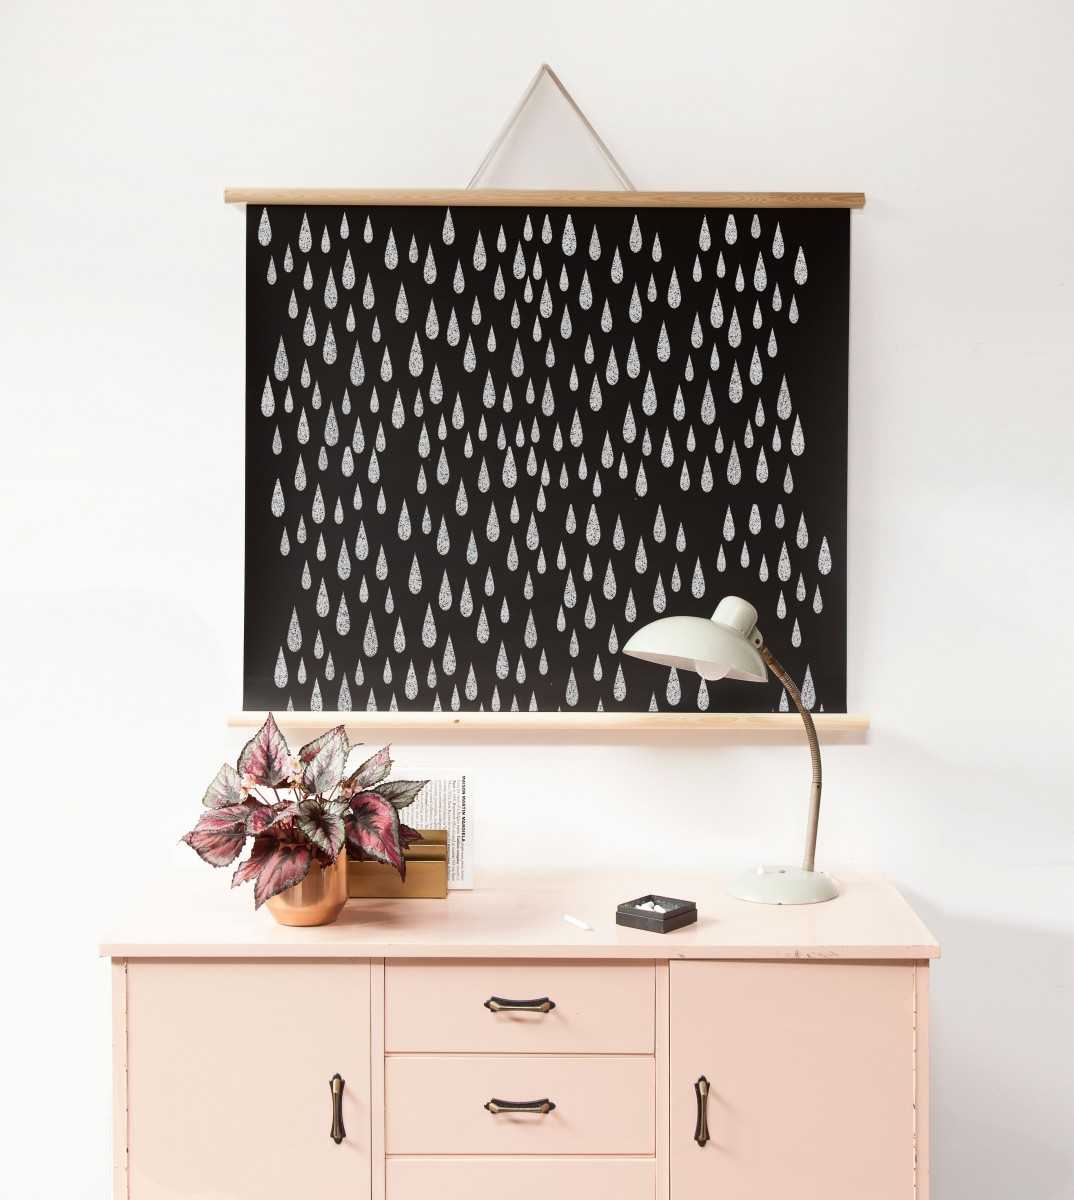 poster magn tique avec cadre tableau noir. Black Bedroom Furniture Sets. Home Design Ideas